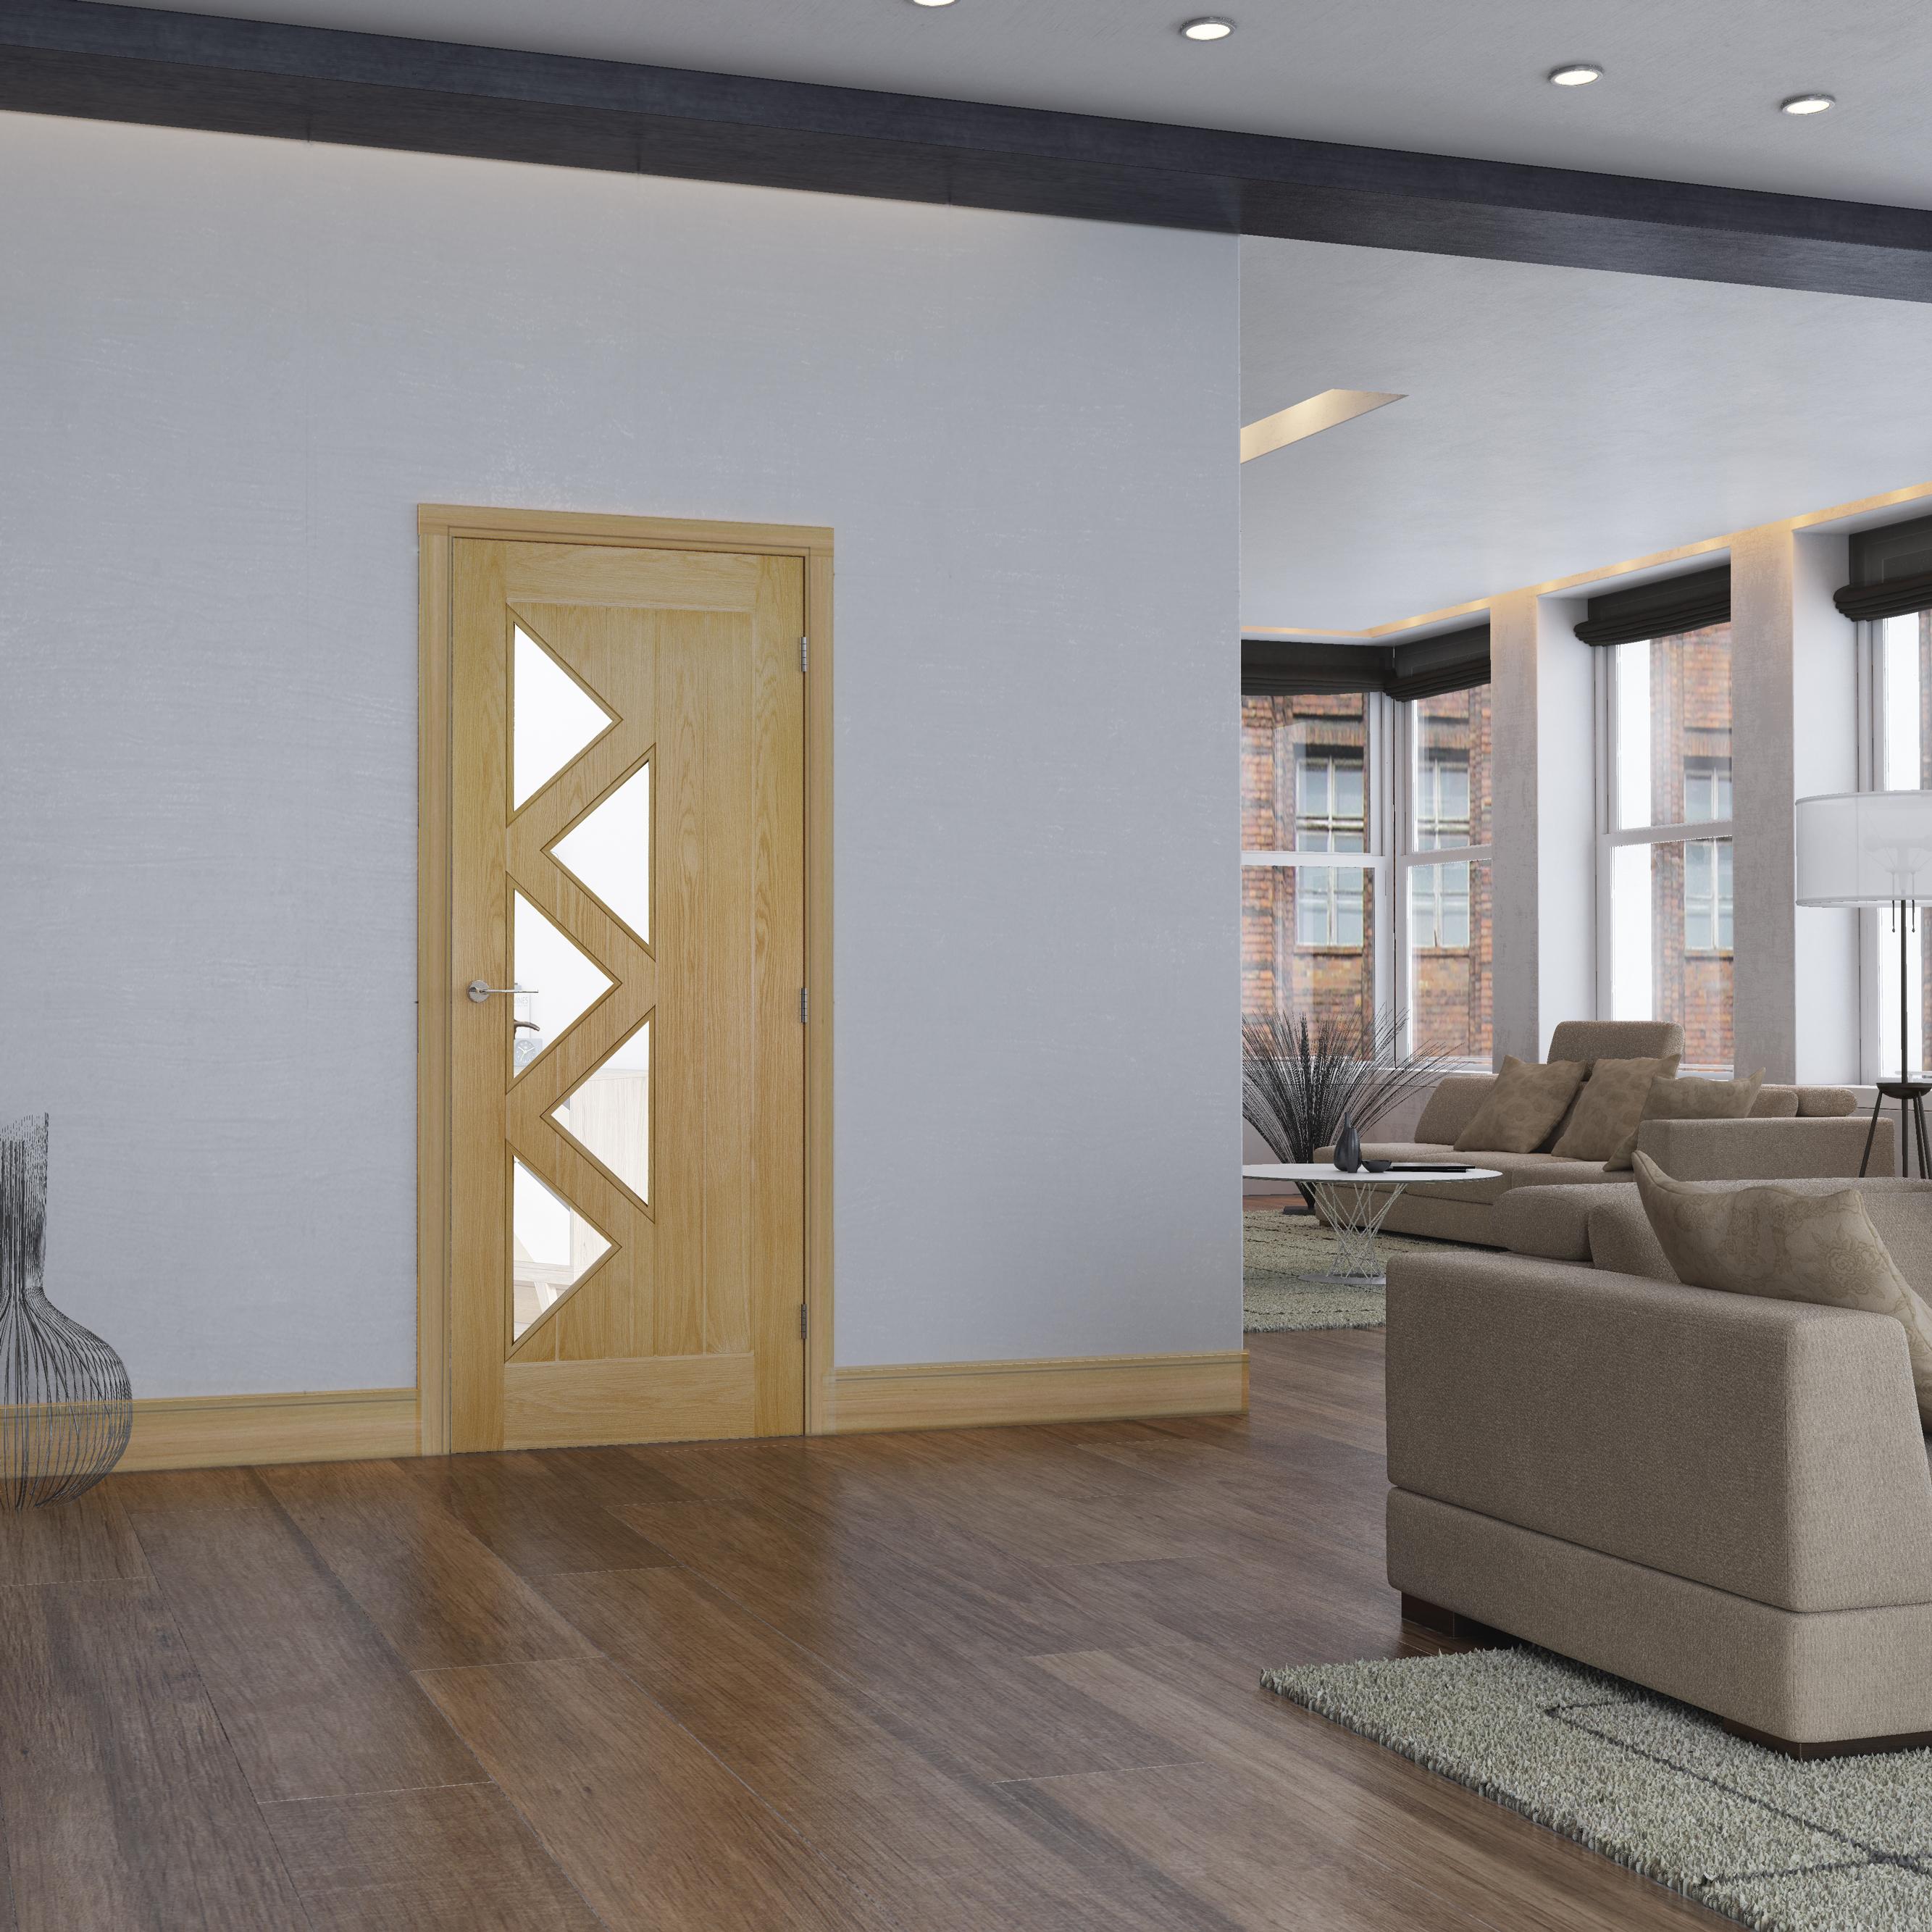 Ely glazed oak interior door